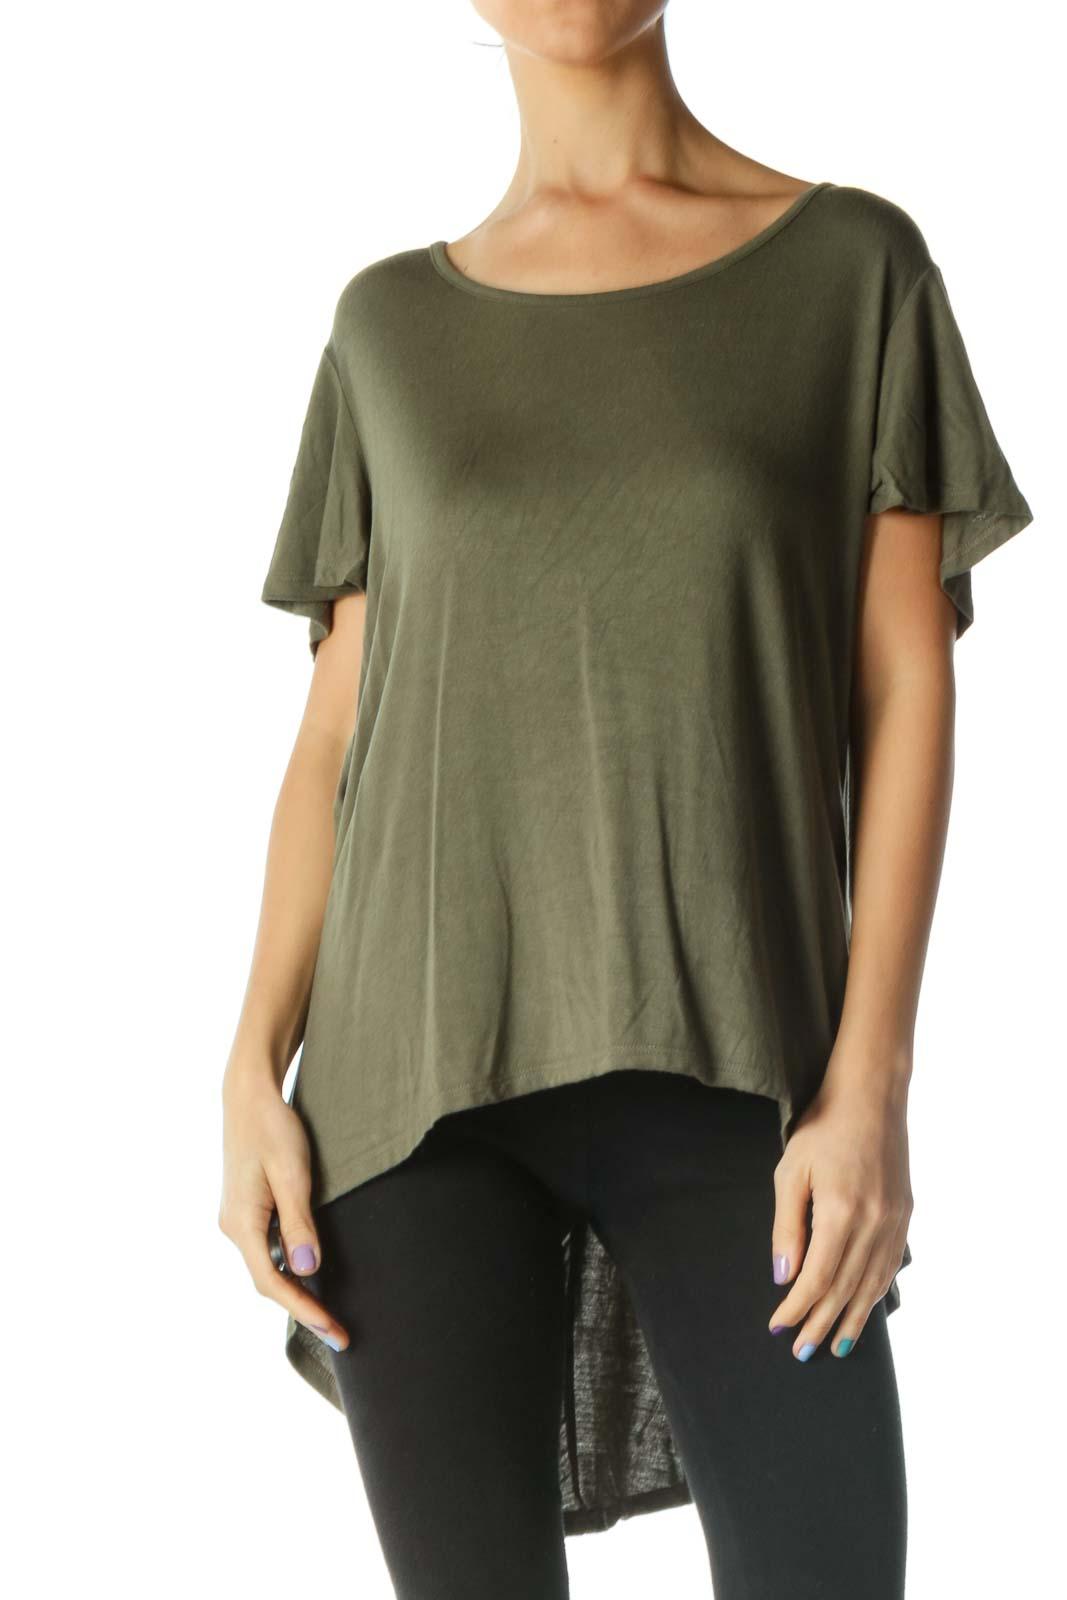 Green Short Sleeve High Low Cutout T-Shirt Front